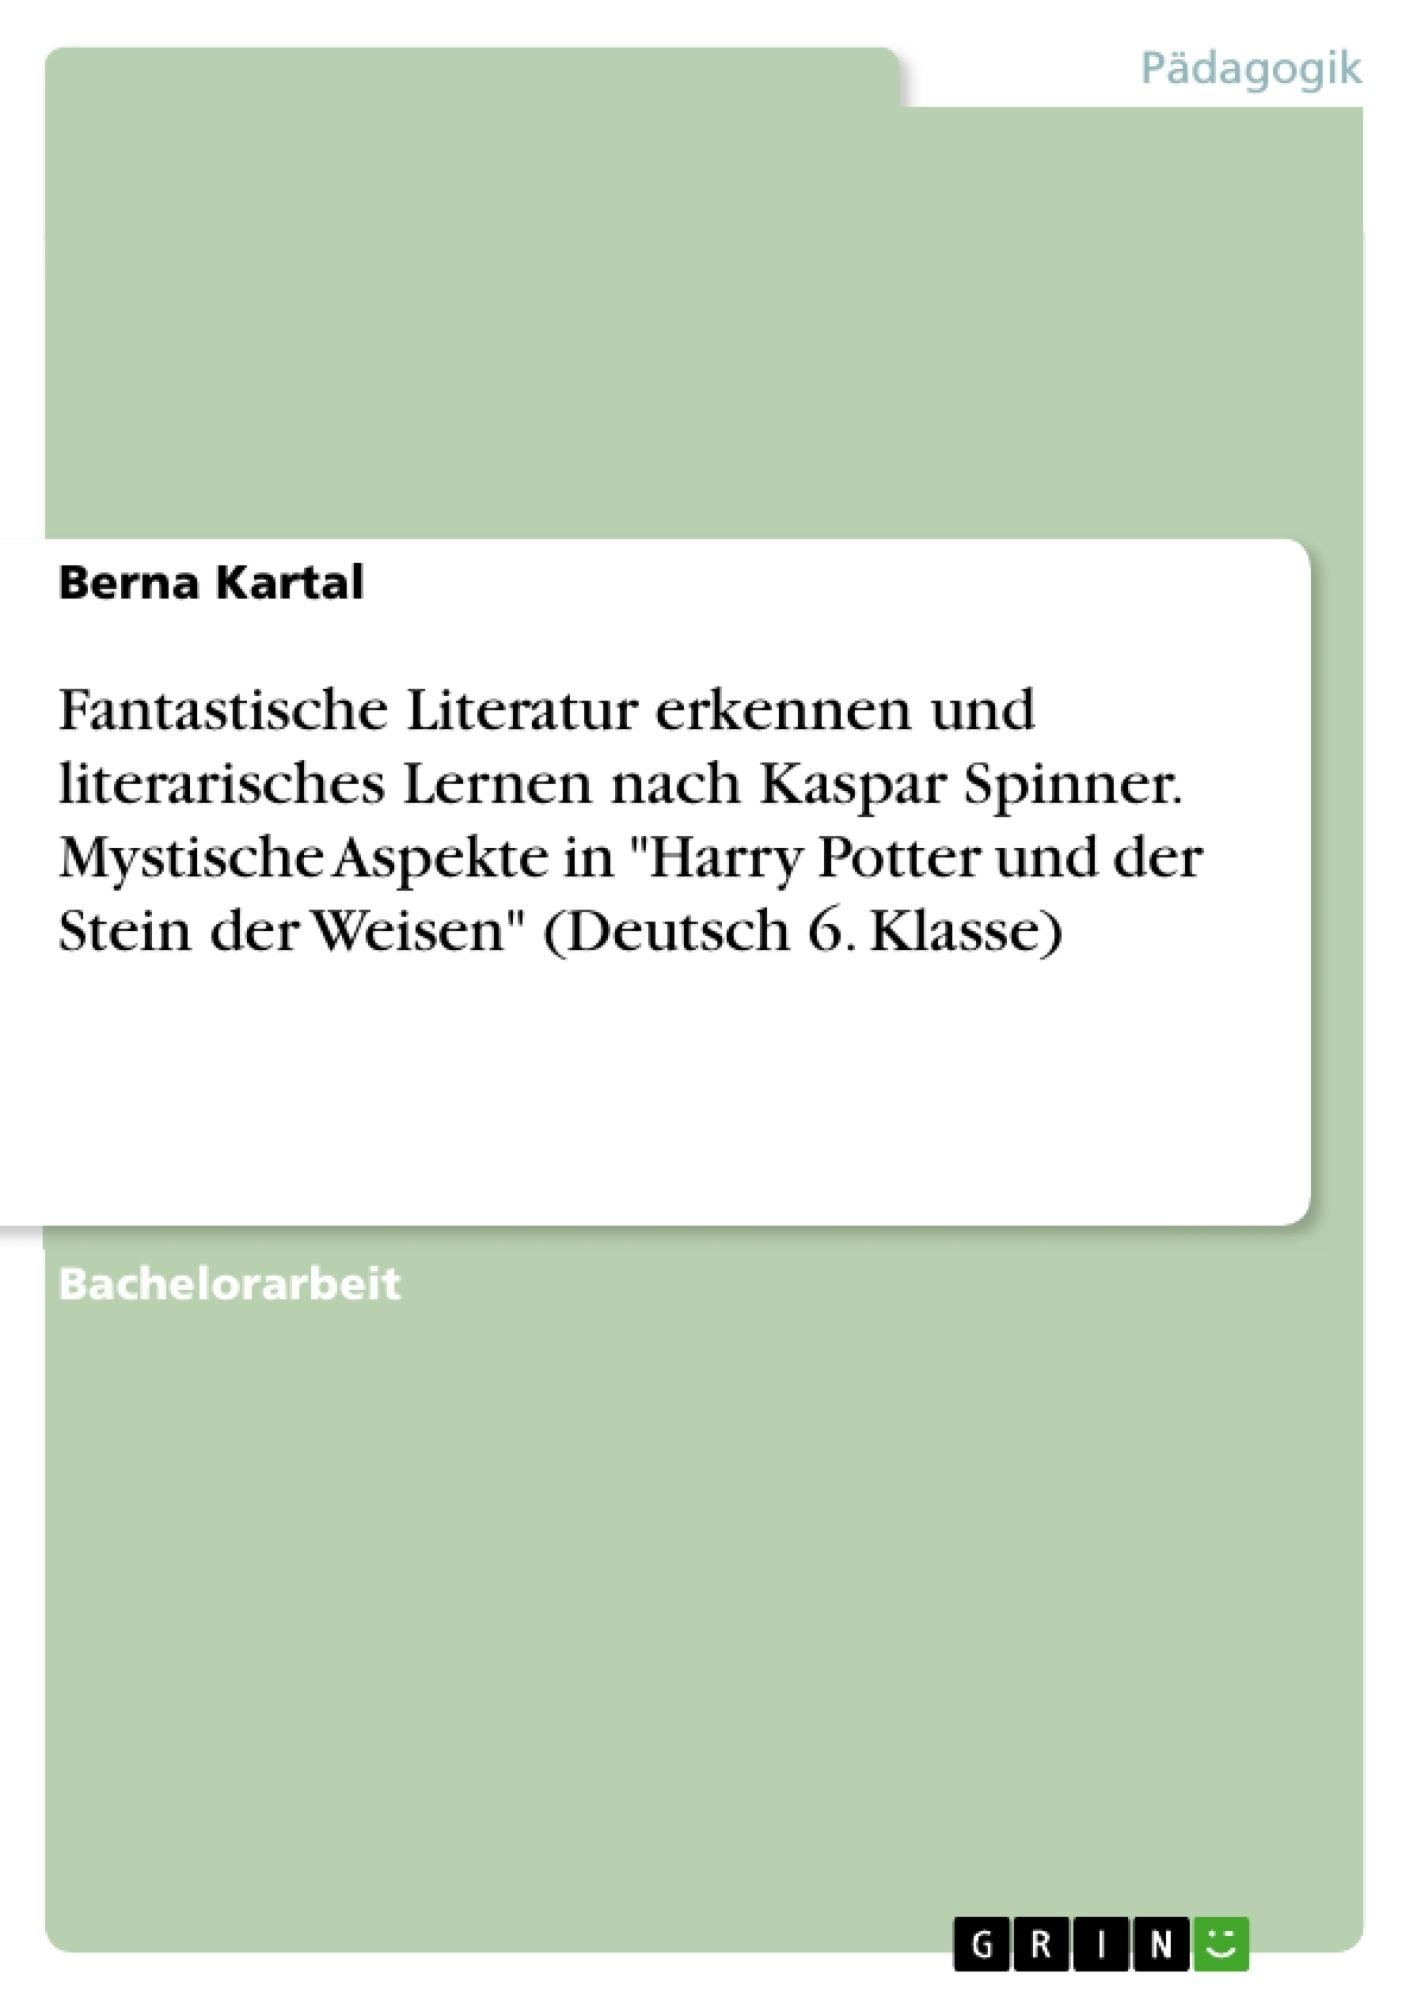 """Titel: Fantastische Literatur erkennen und literarisches Lernen nach Kaspar Spinner. Mystische Aspekte in """"Harry Potter und der Stein der Weisen"""" (Deutsch 6. Klasse)"""